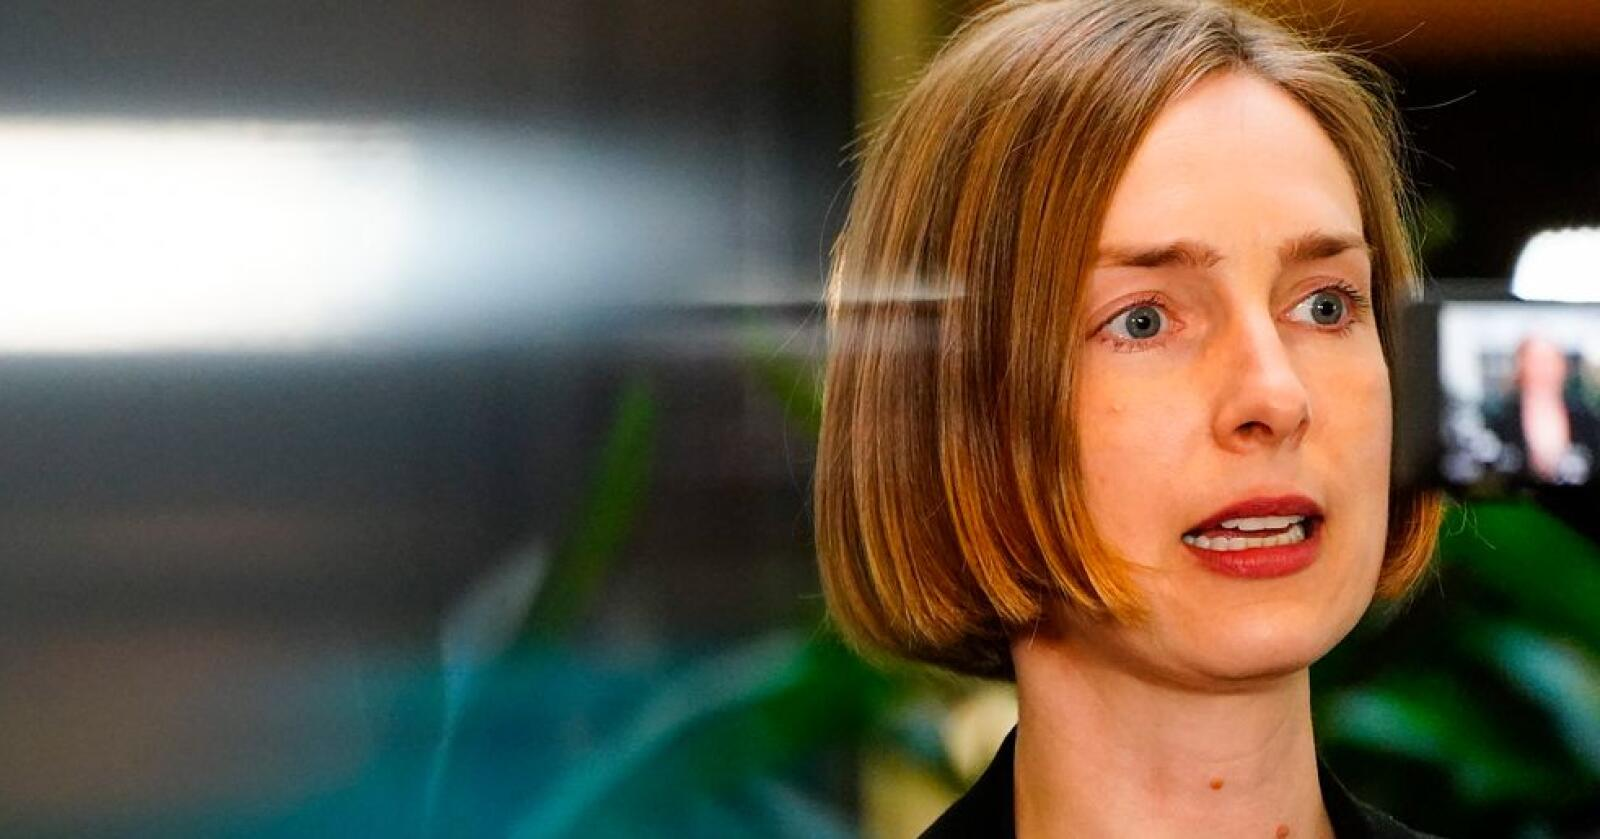 Næringsminister Iselin Nybø (V) og regjeringen gir reiselivet 2 millioner kroner i støtte til å utvikle en ny klimakalkulator og en nasjonal kunnskapsplattform. Foto: Lise Åserud / NTB